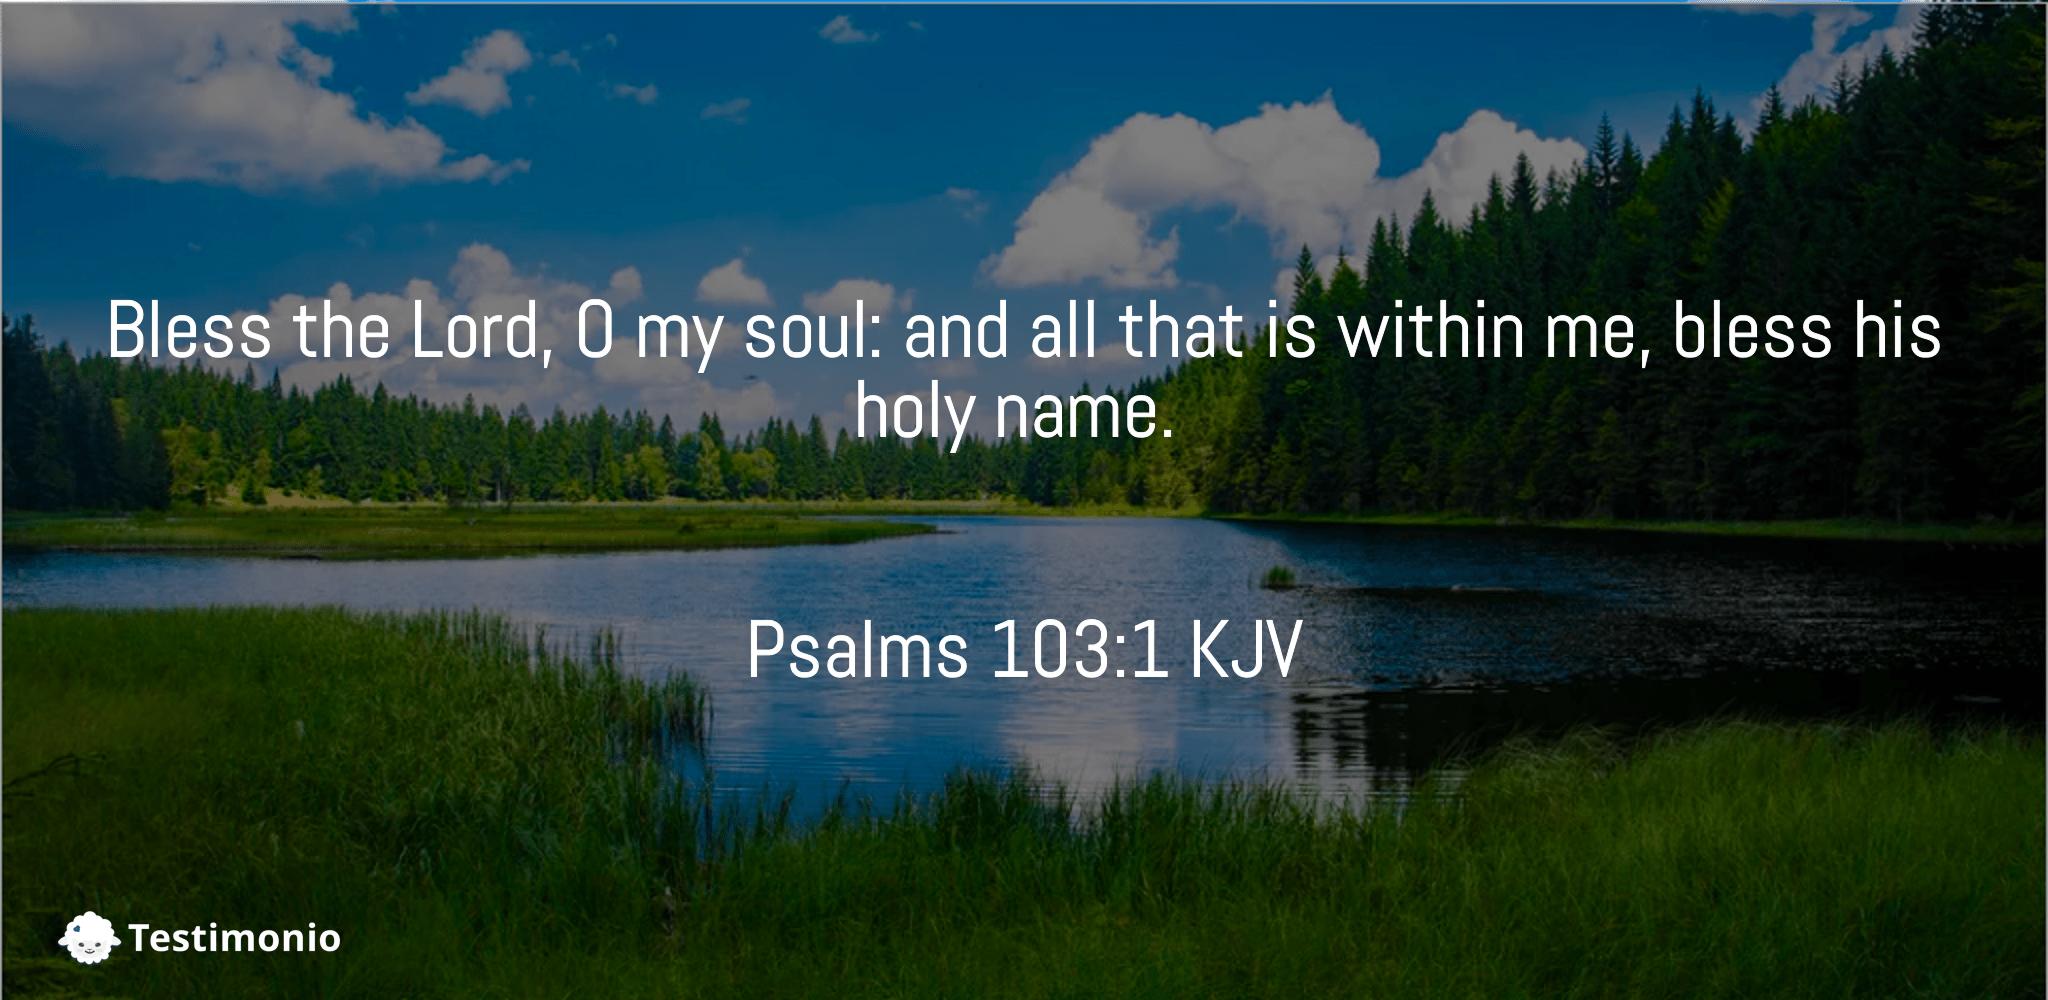 Psalms 103:1